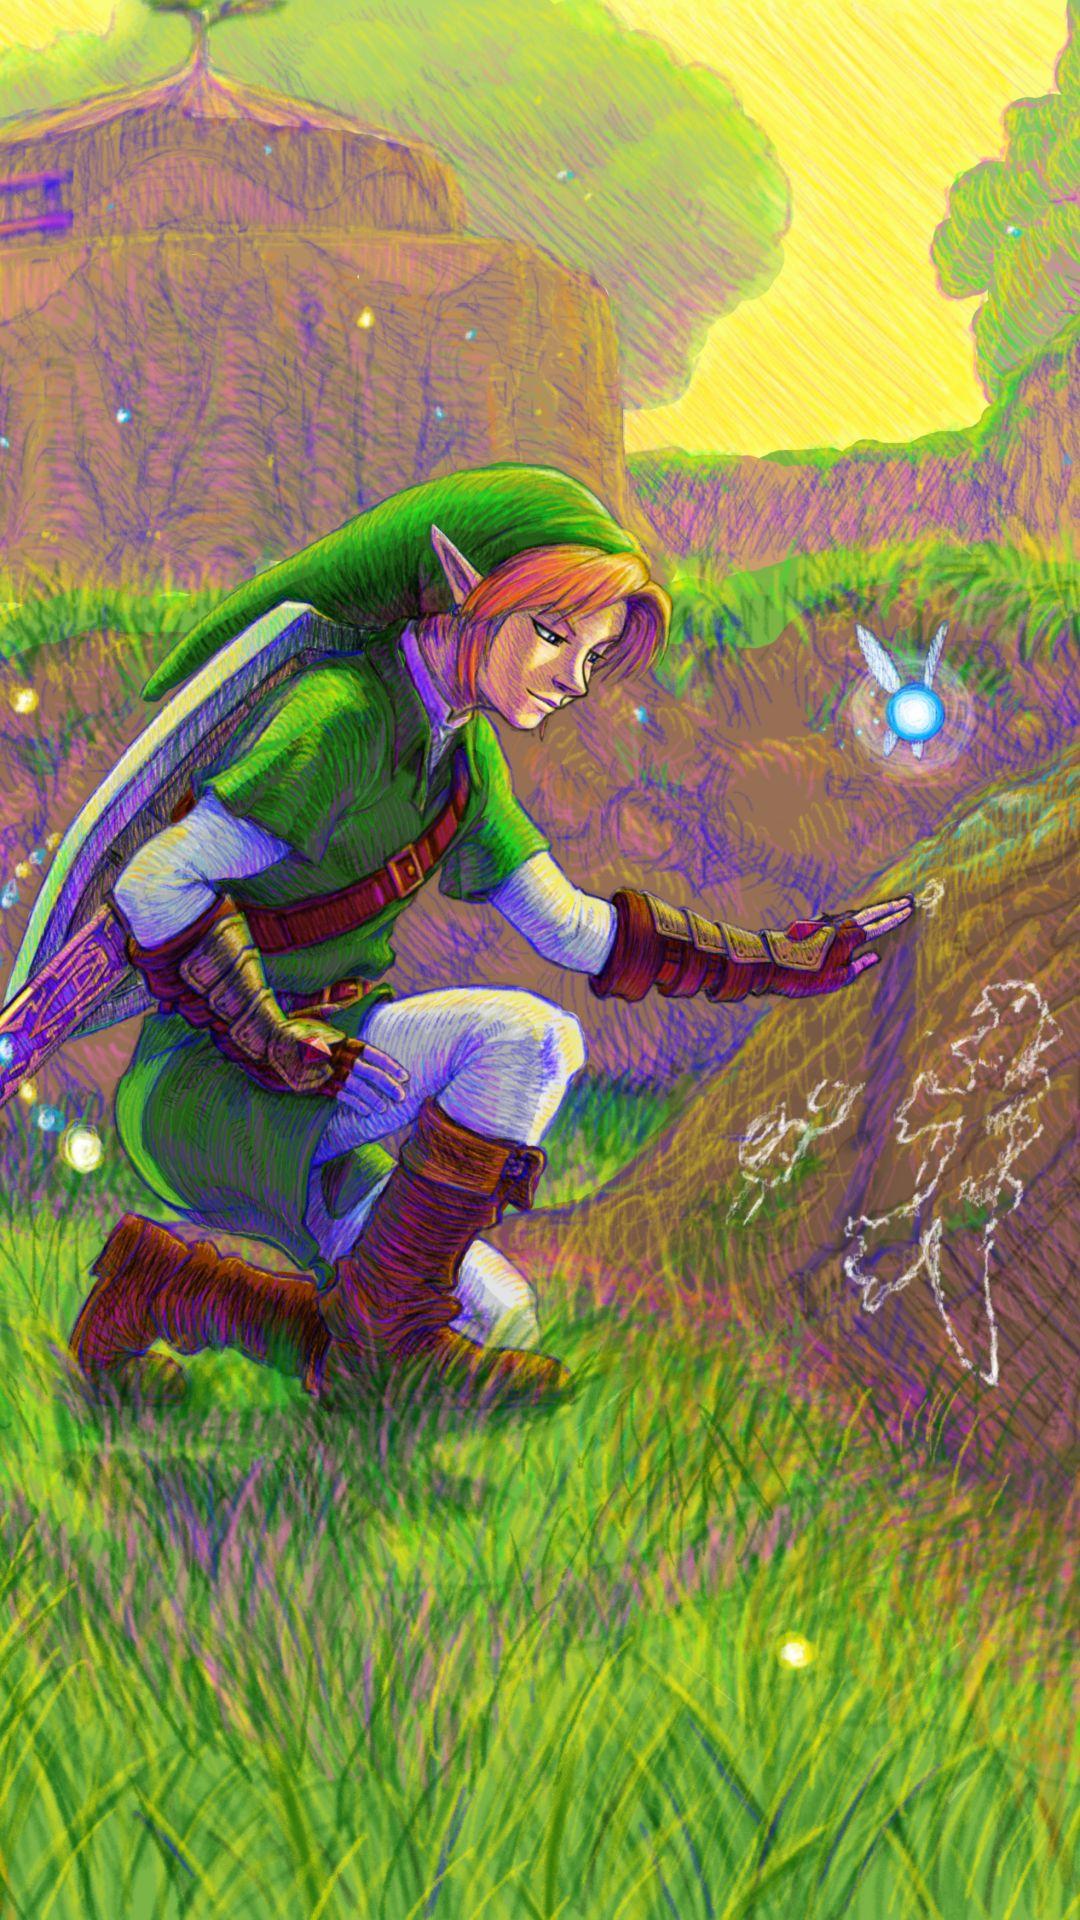 Popular Wallpaper Home Screen Zelda - 20d83bd286f479f8d1d637f9fb033aa5  Trends_801089.jpg